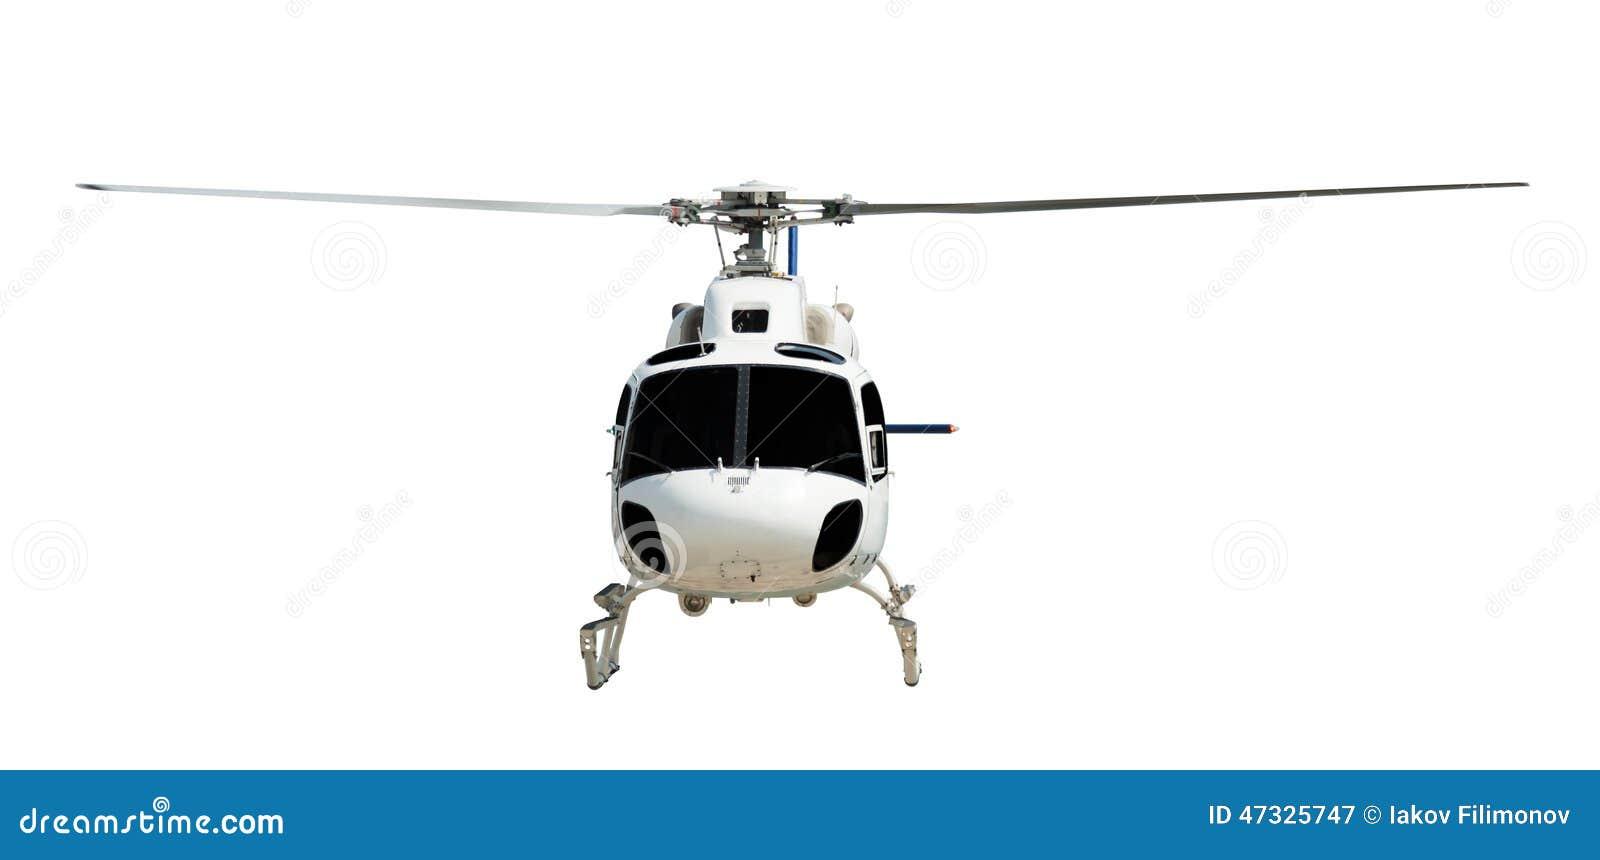 Elicottero Militare Doppia Elica : Elicottero di volo con l elica funzionante immagine stock